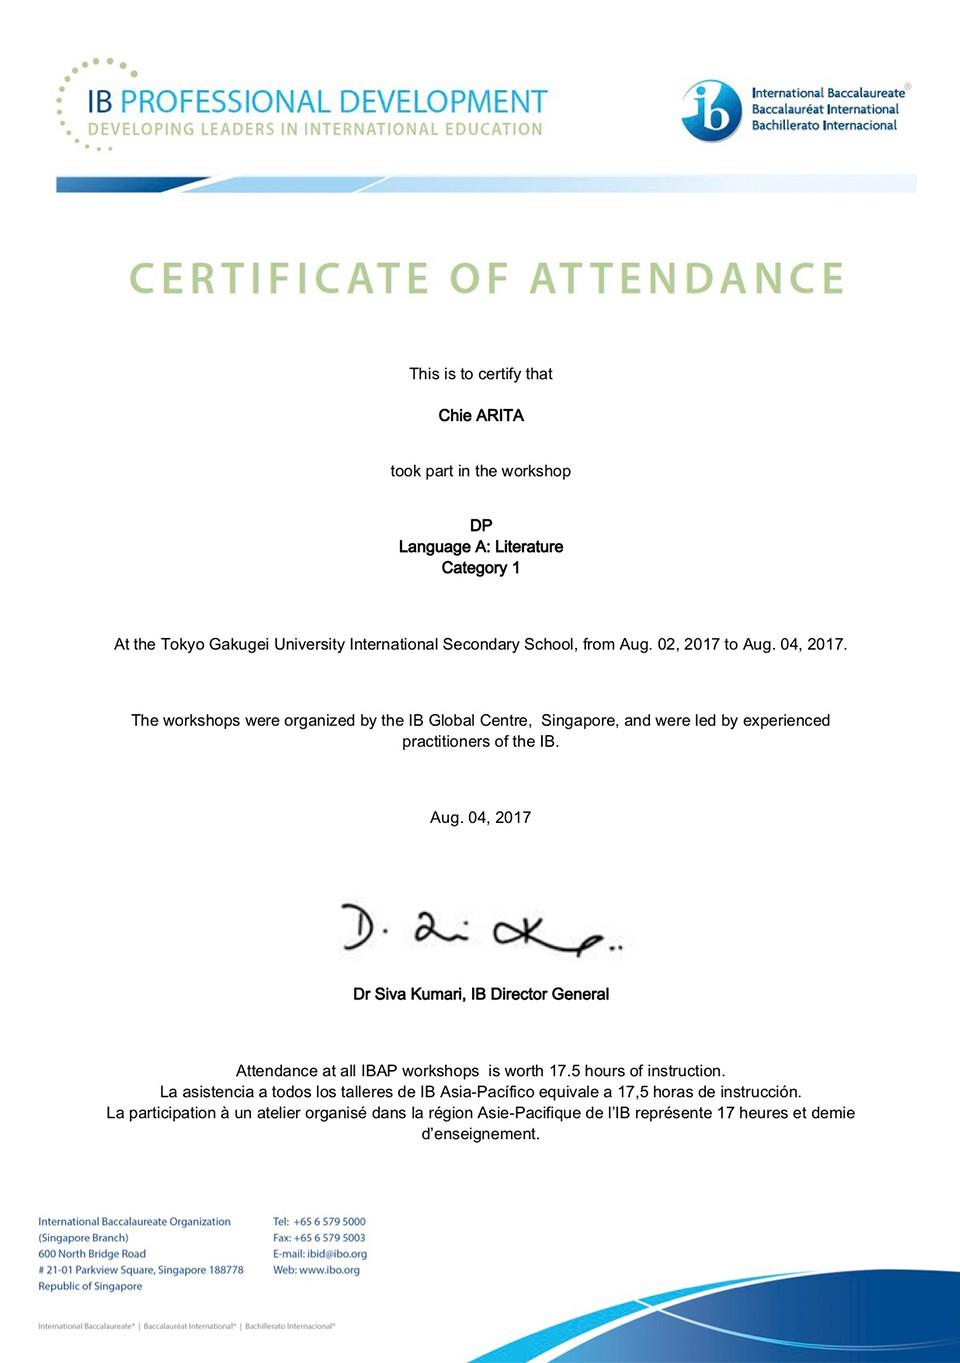 IB DP (国際バカロレア ディプロマ・プログラム)